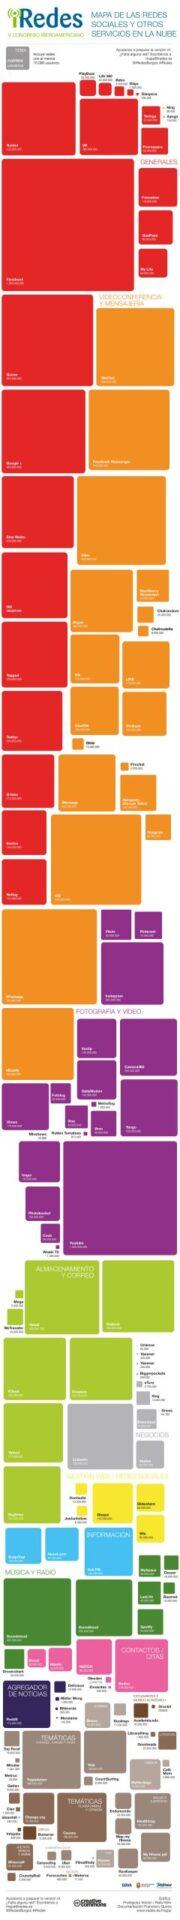 mapa de las redes sociales 2015